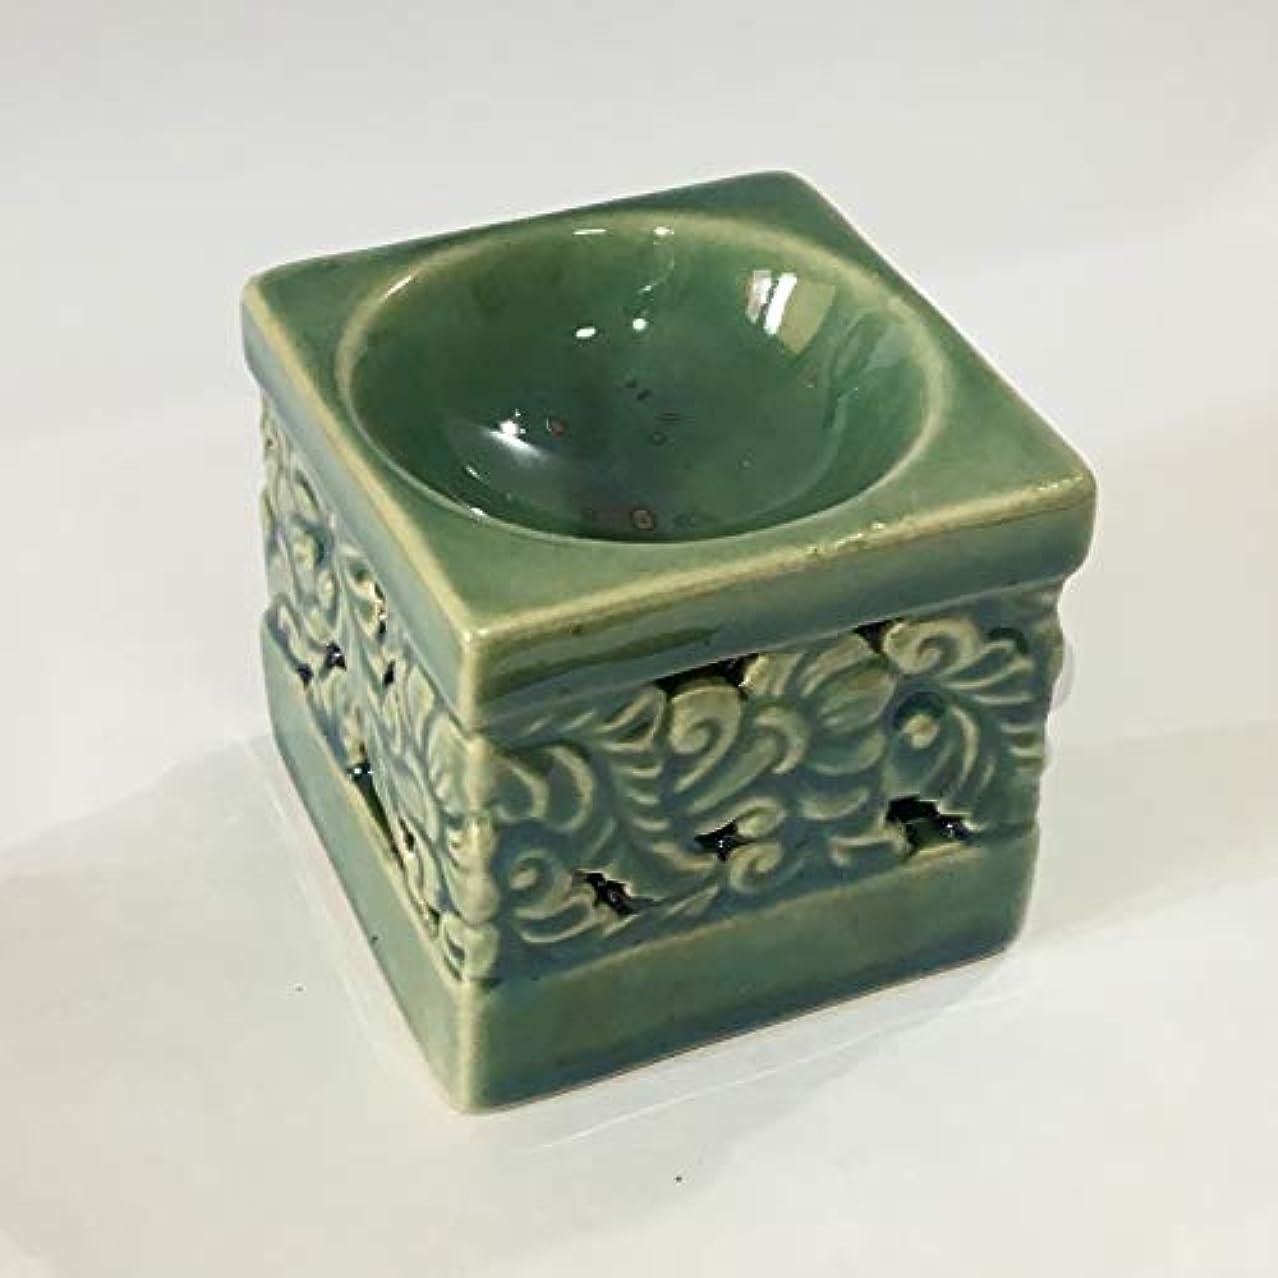 楽観的選択する発見アロマポット (緑) 角型 フラワーカービング柄 チェンマイ産 香炉 陶器 アロマ炉 タイ